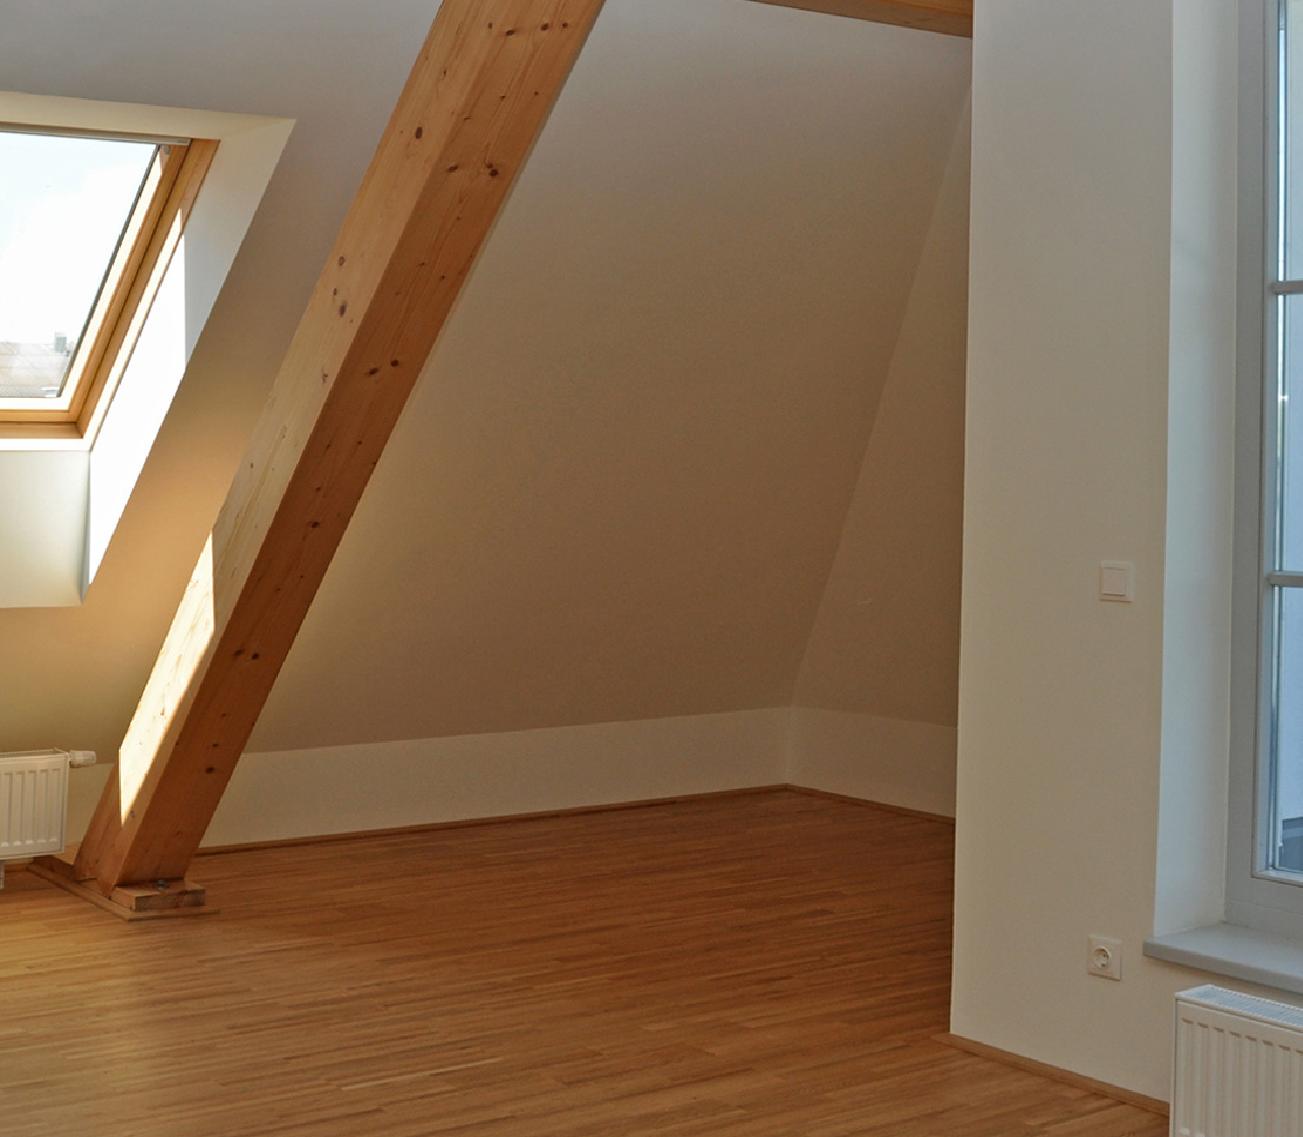 Picturesque Garage Apartment 43023pf: Refurbished Apartment